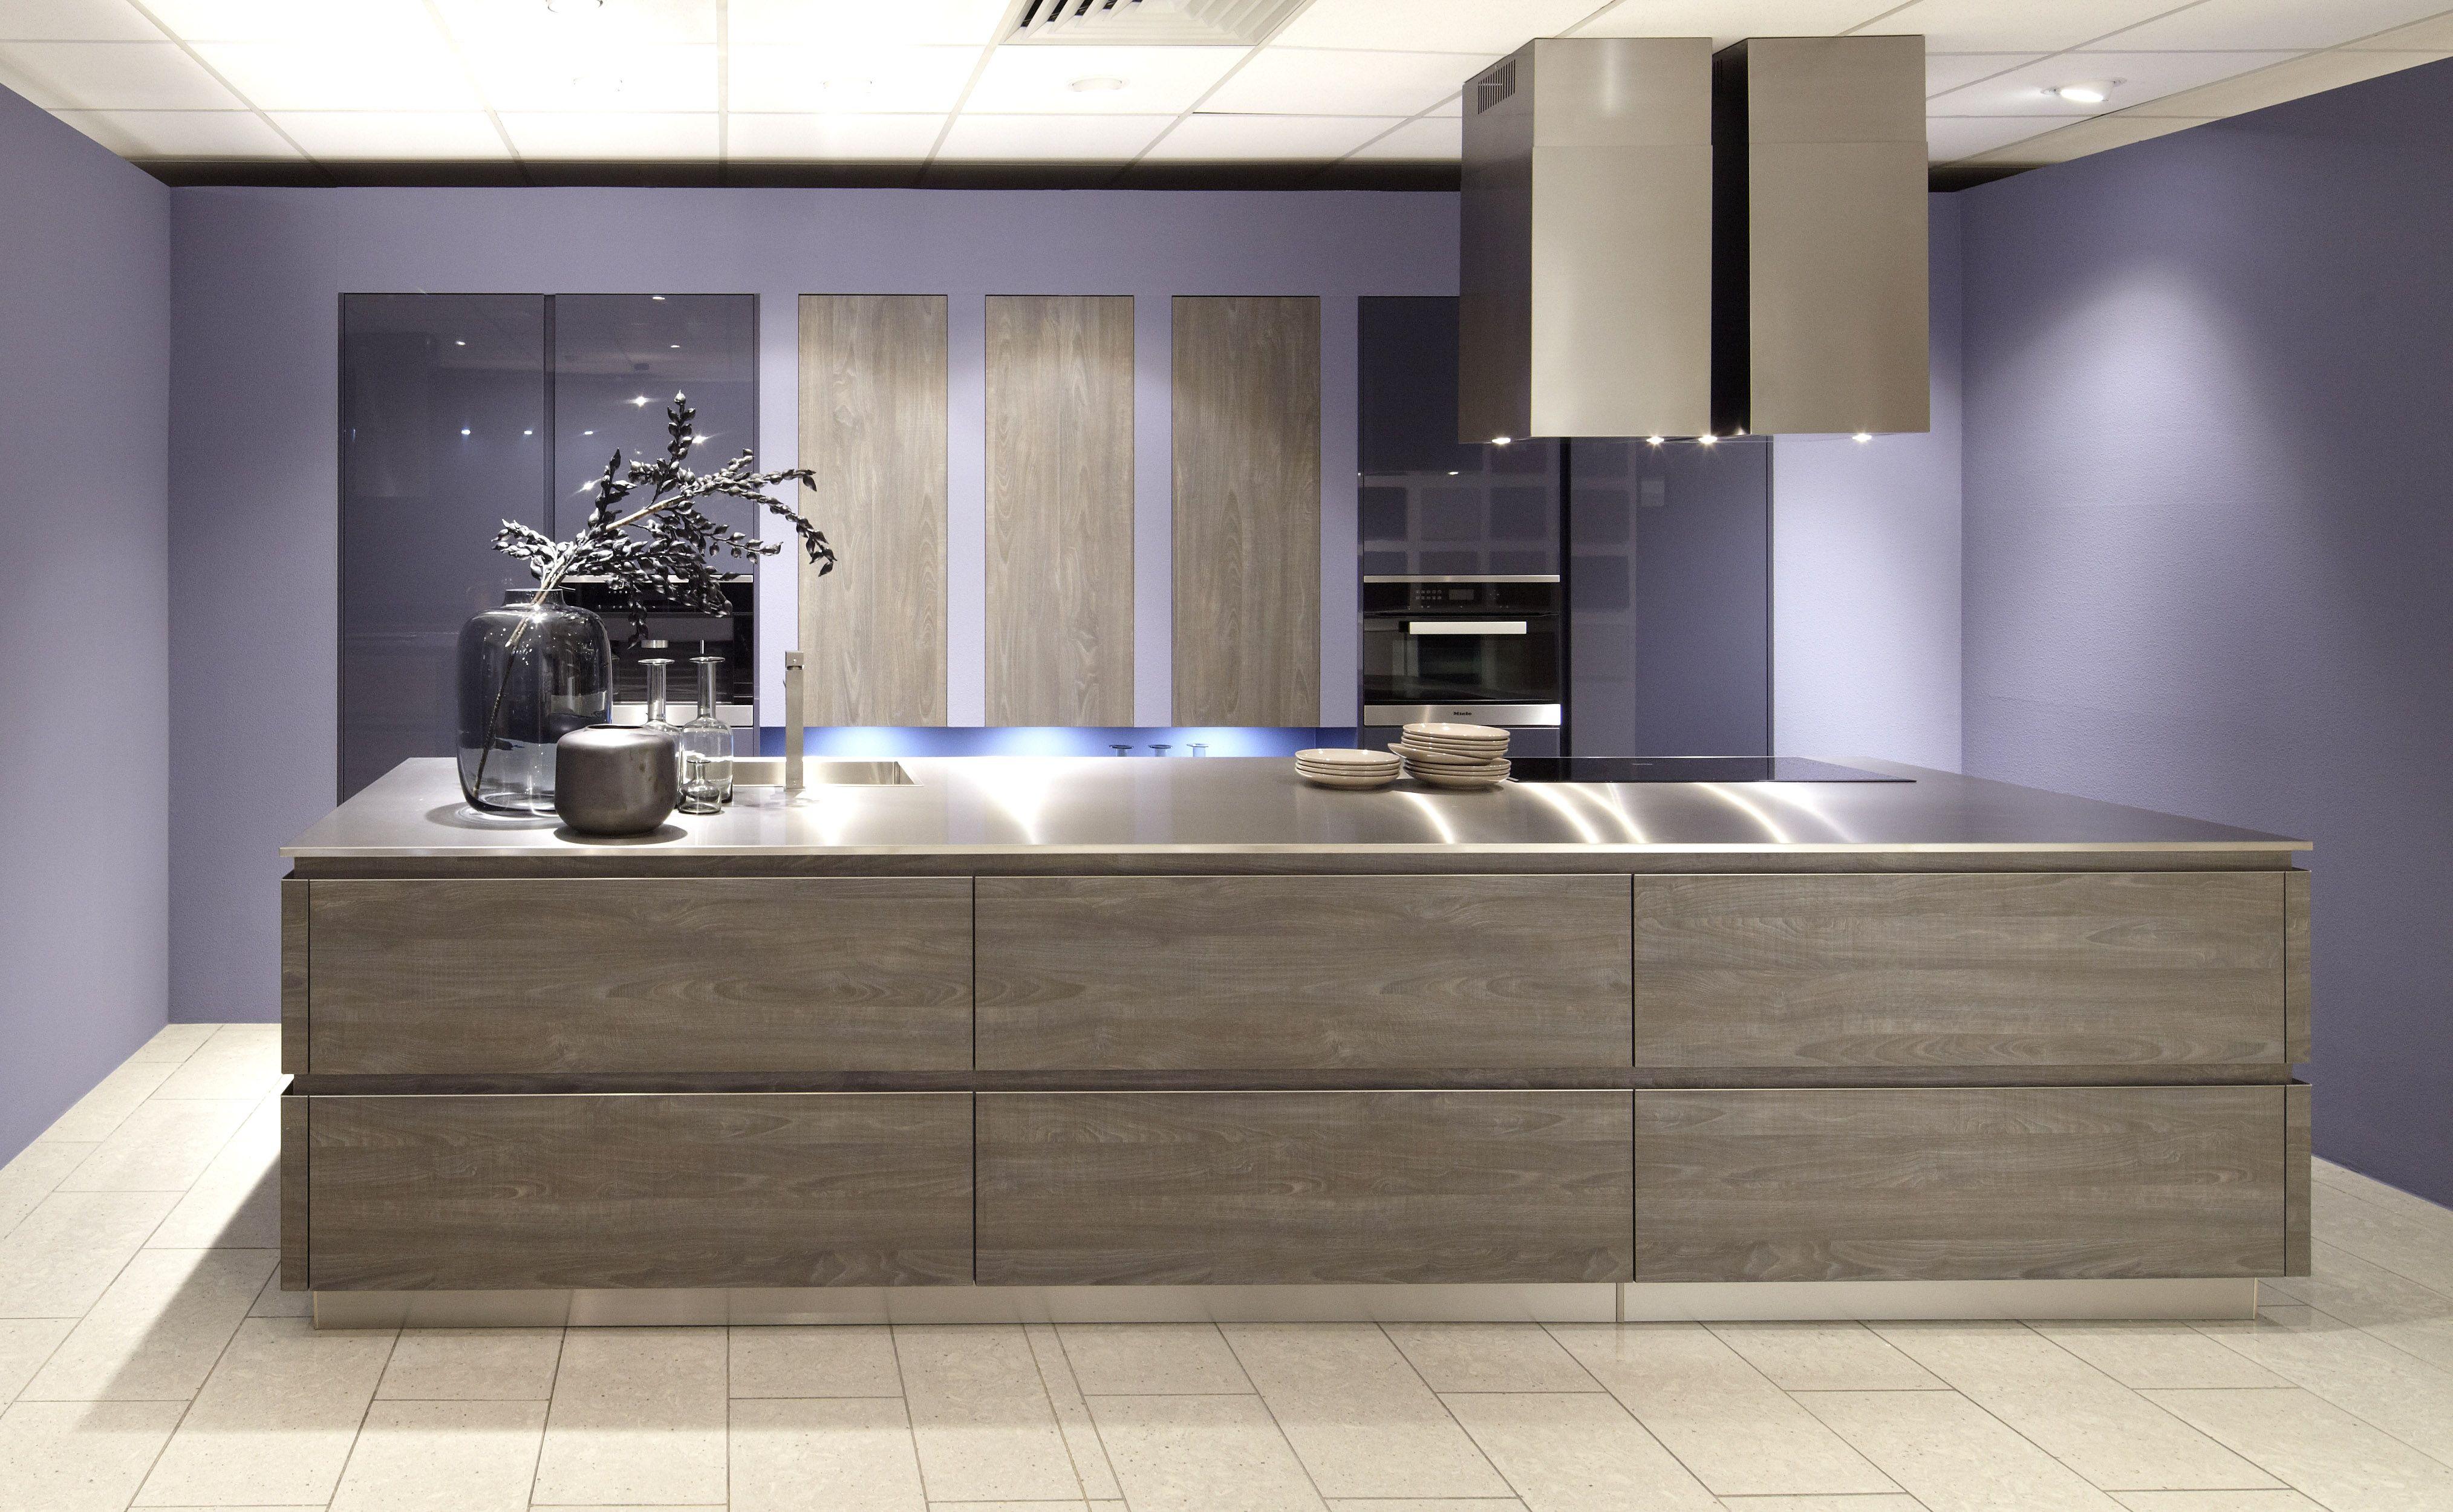 Pin By Rhoades Partnership Ltd On Schröder Kitchens Pinterest - Schroder cuisine